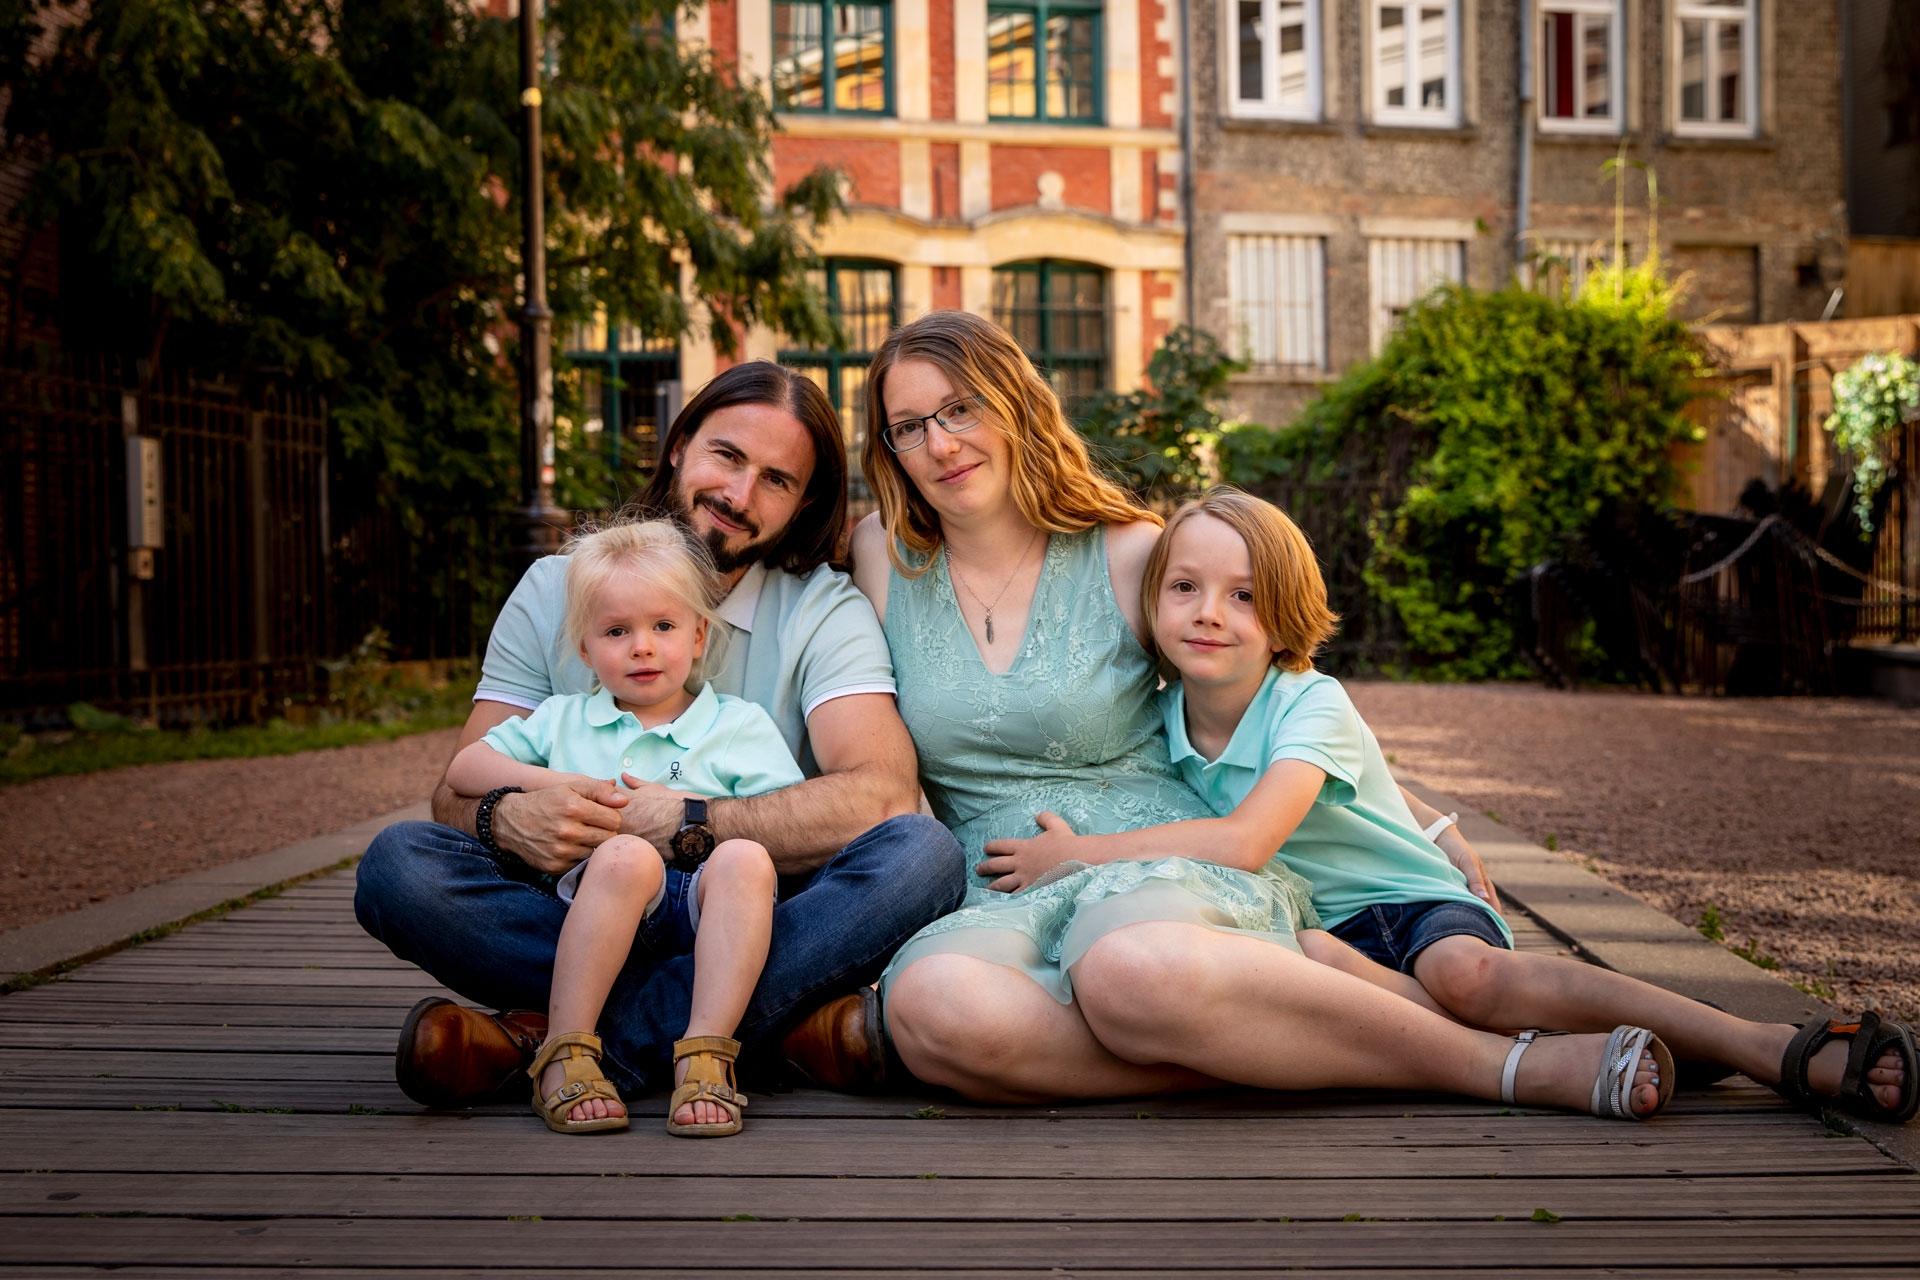 particuliers-portraits-engagement-famille-deltenre-2020-19